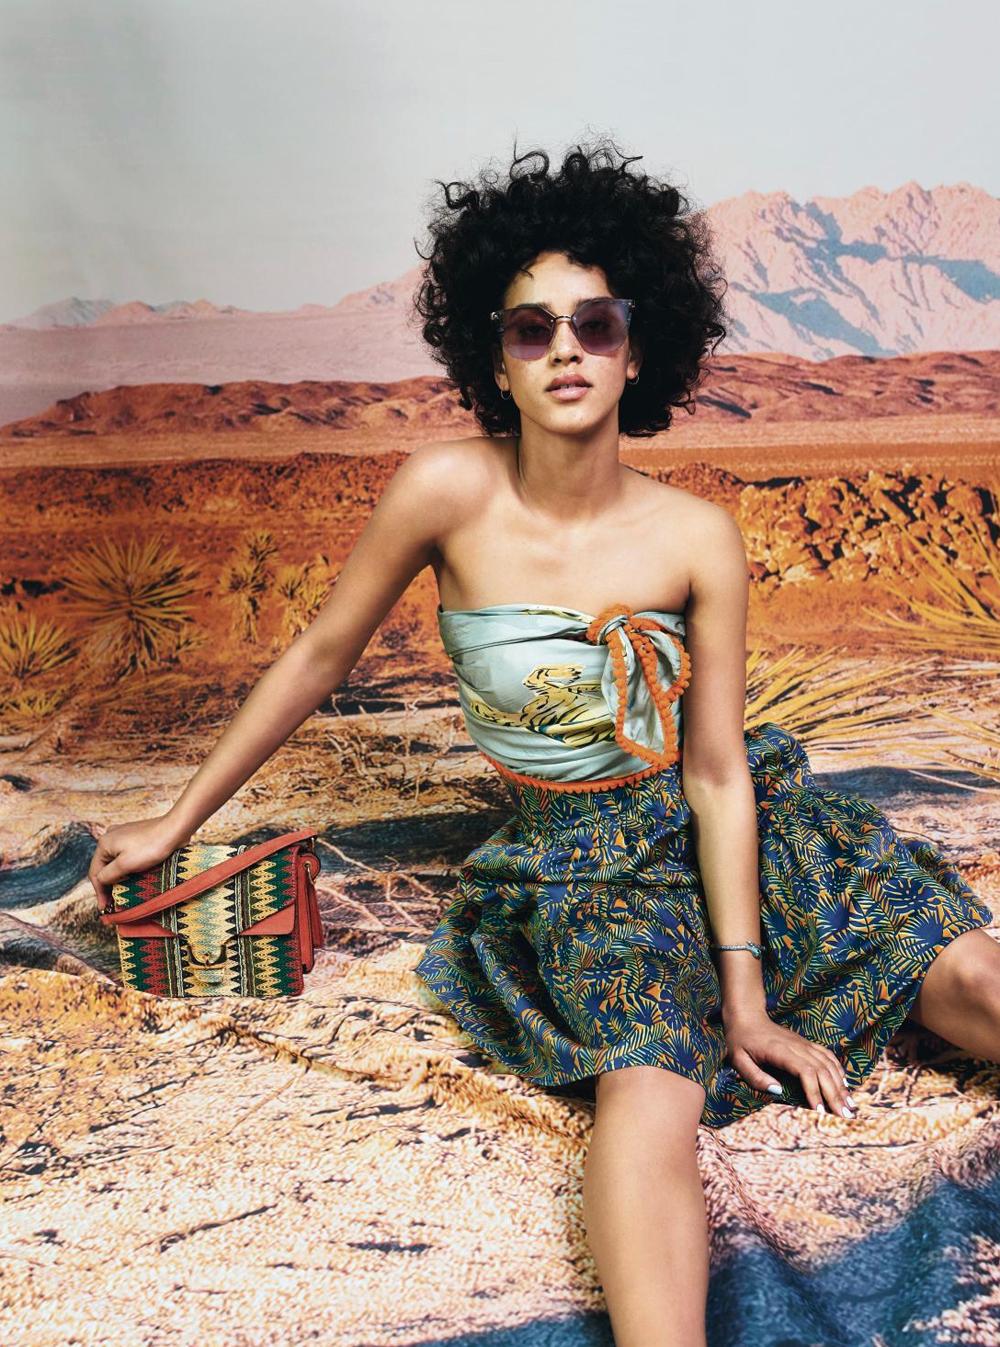 Globus zelebriert den Lifestyle von Los Angeles mit cooler Mode, stylishen Accessoires und leckeren Spezialitäten.